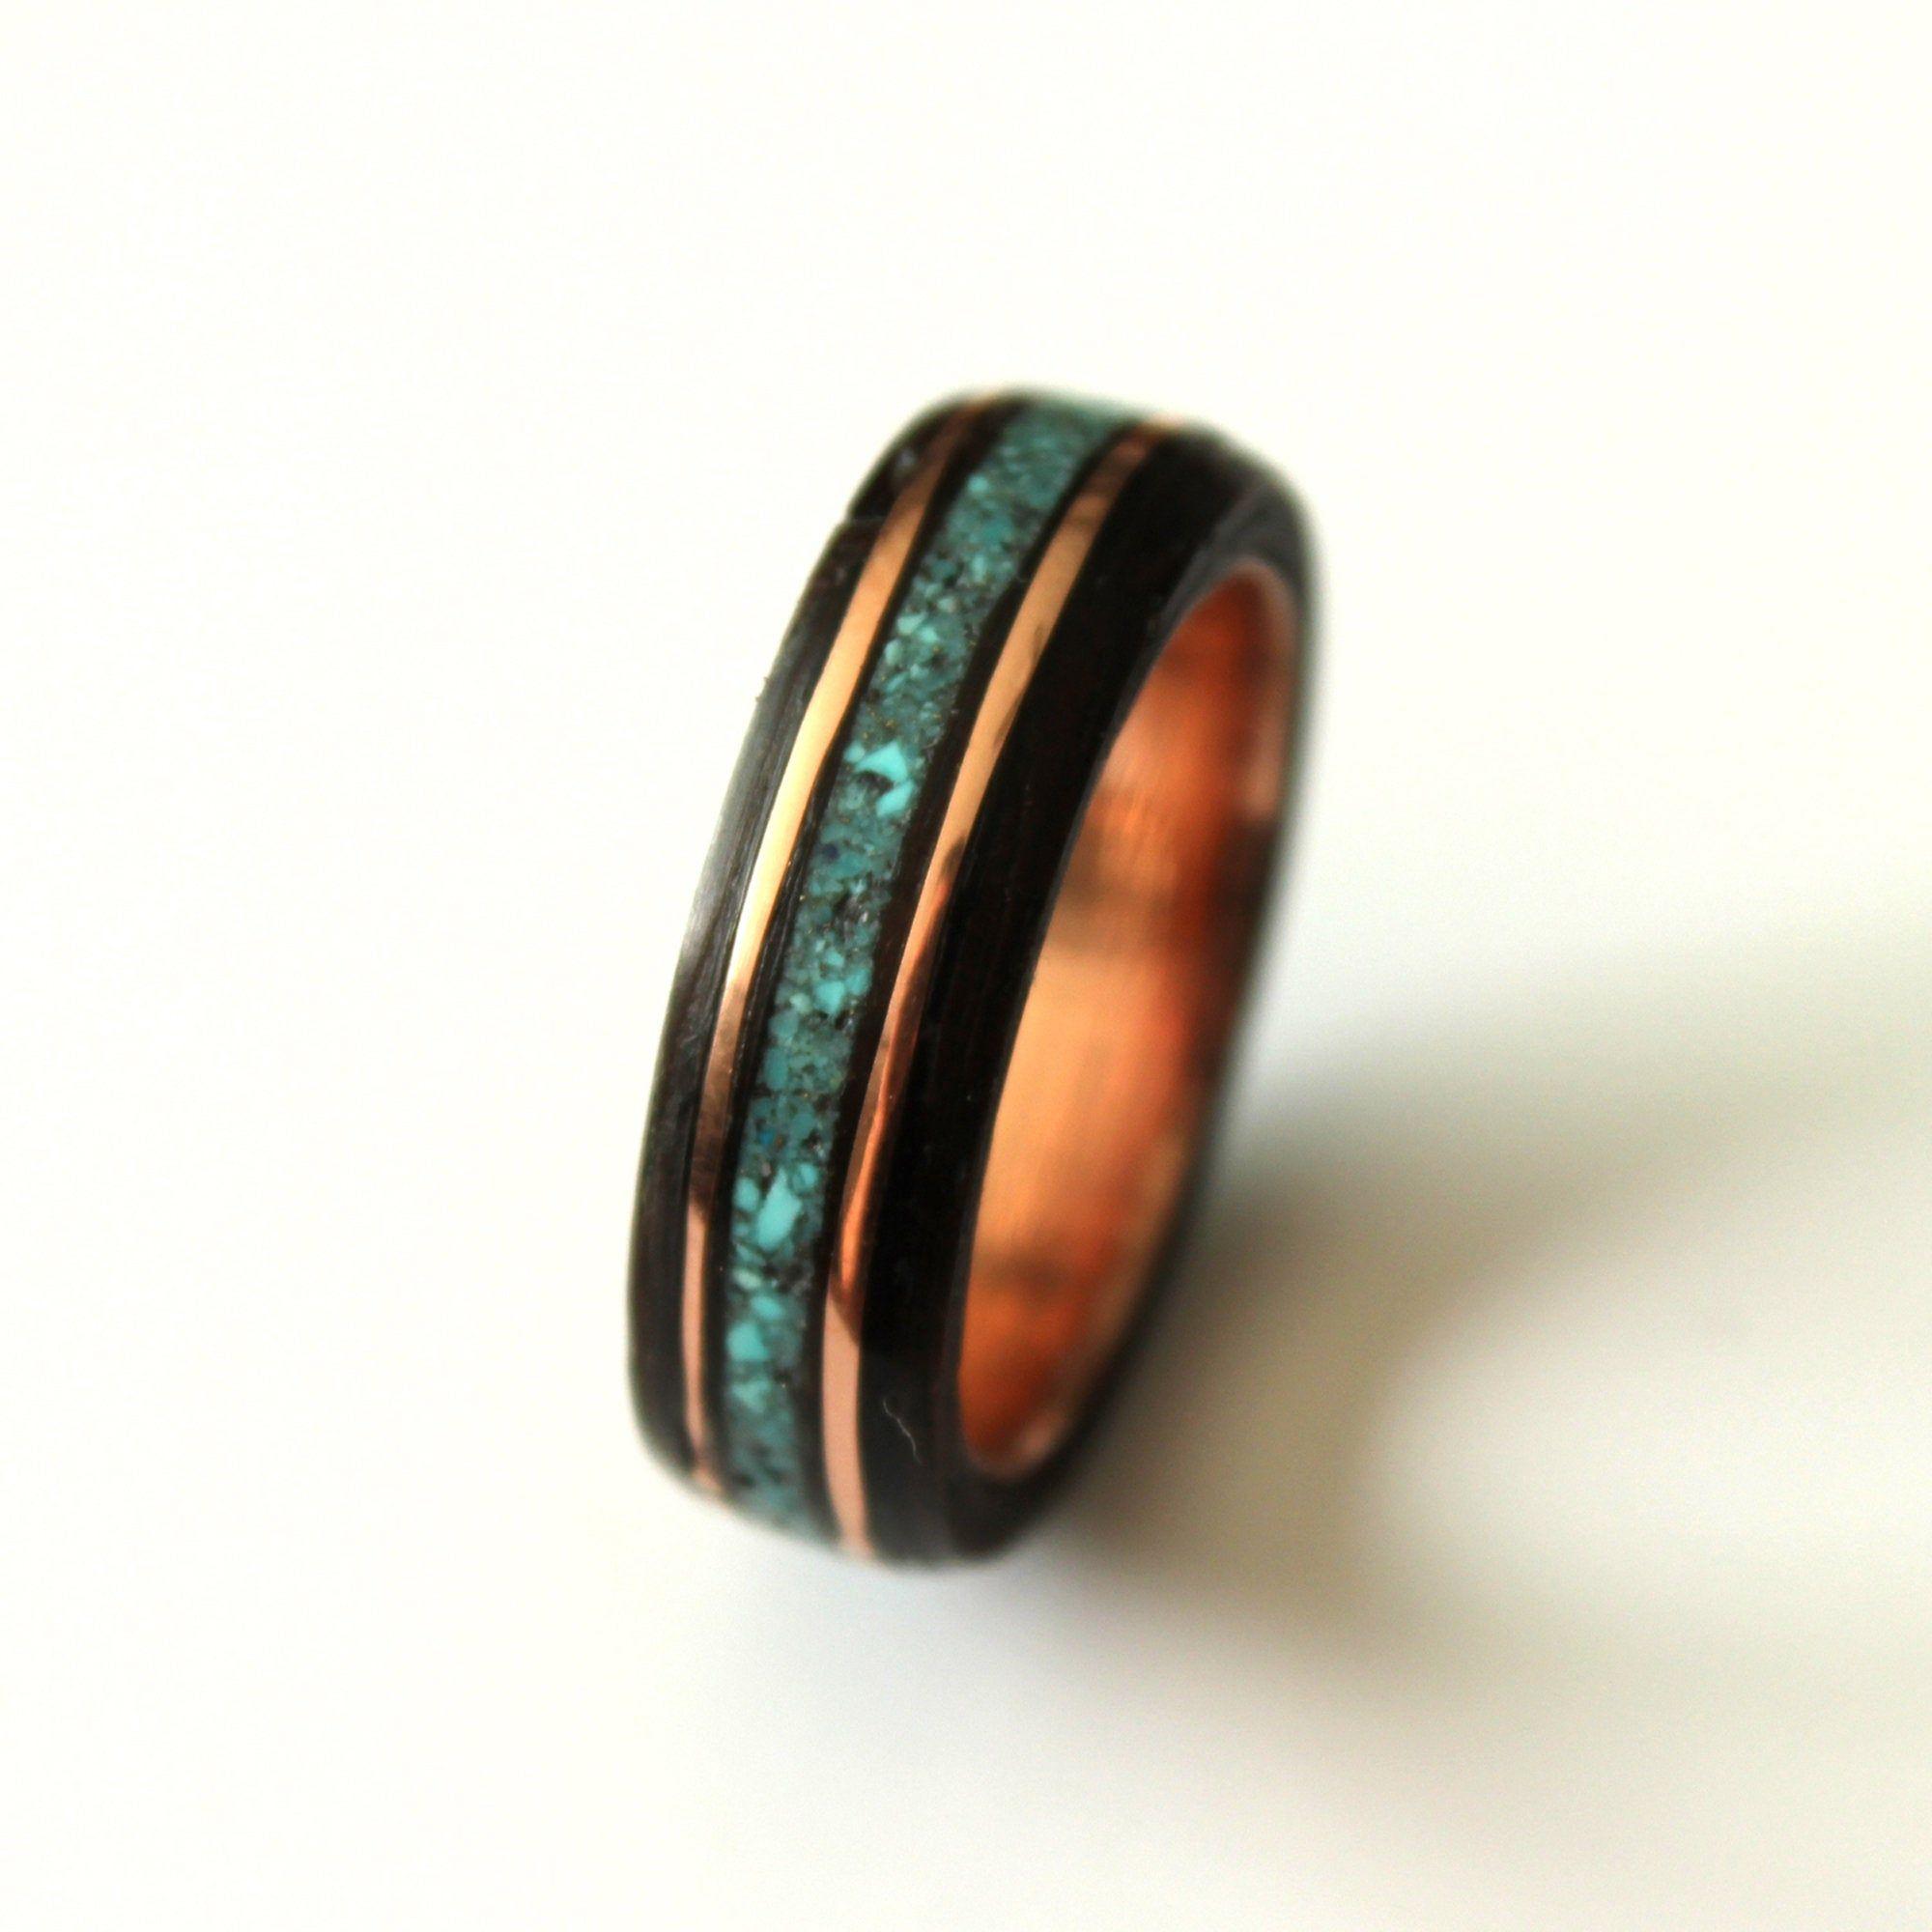 Ou Acheter Bois Ipe bague bois d'ipé et sel de turquoise sur anneau de cuivre en